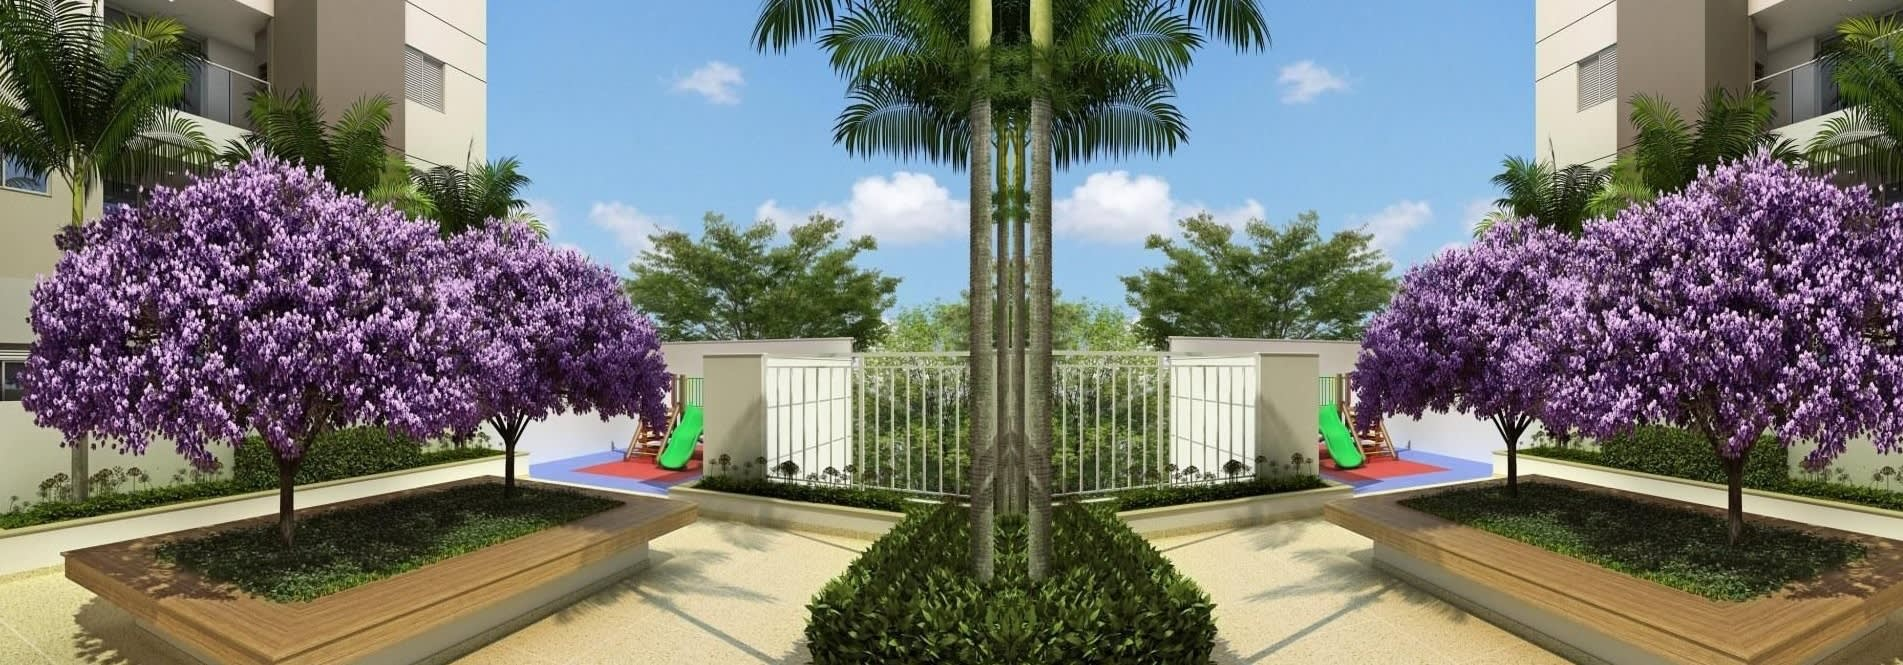 תכנון הקמת גינה בבית משותף